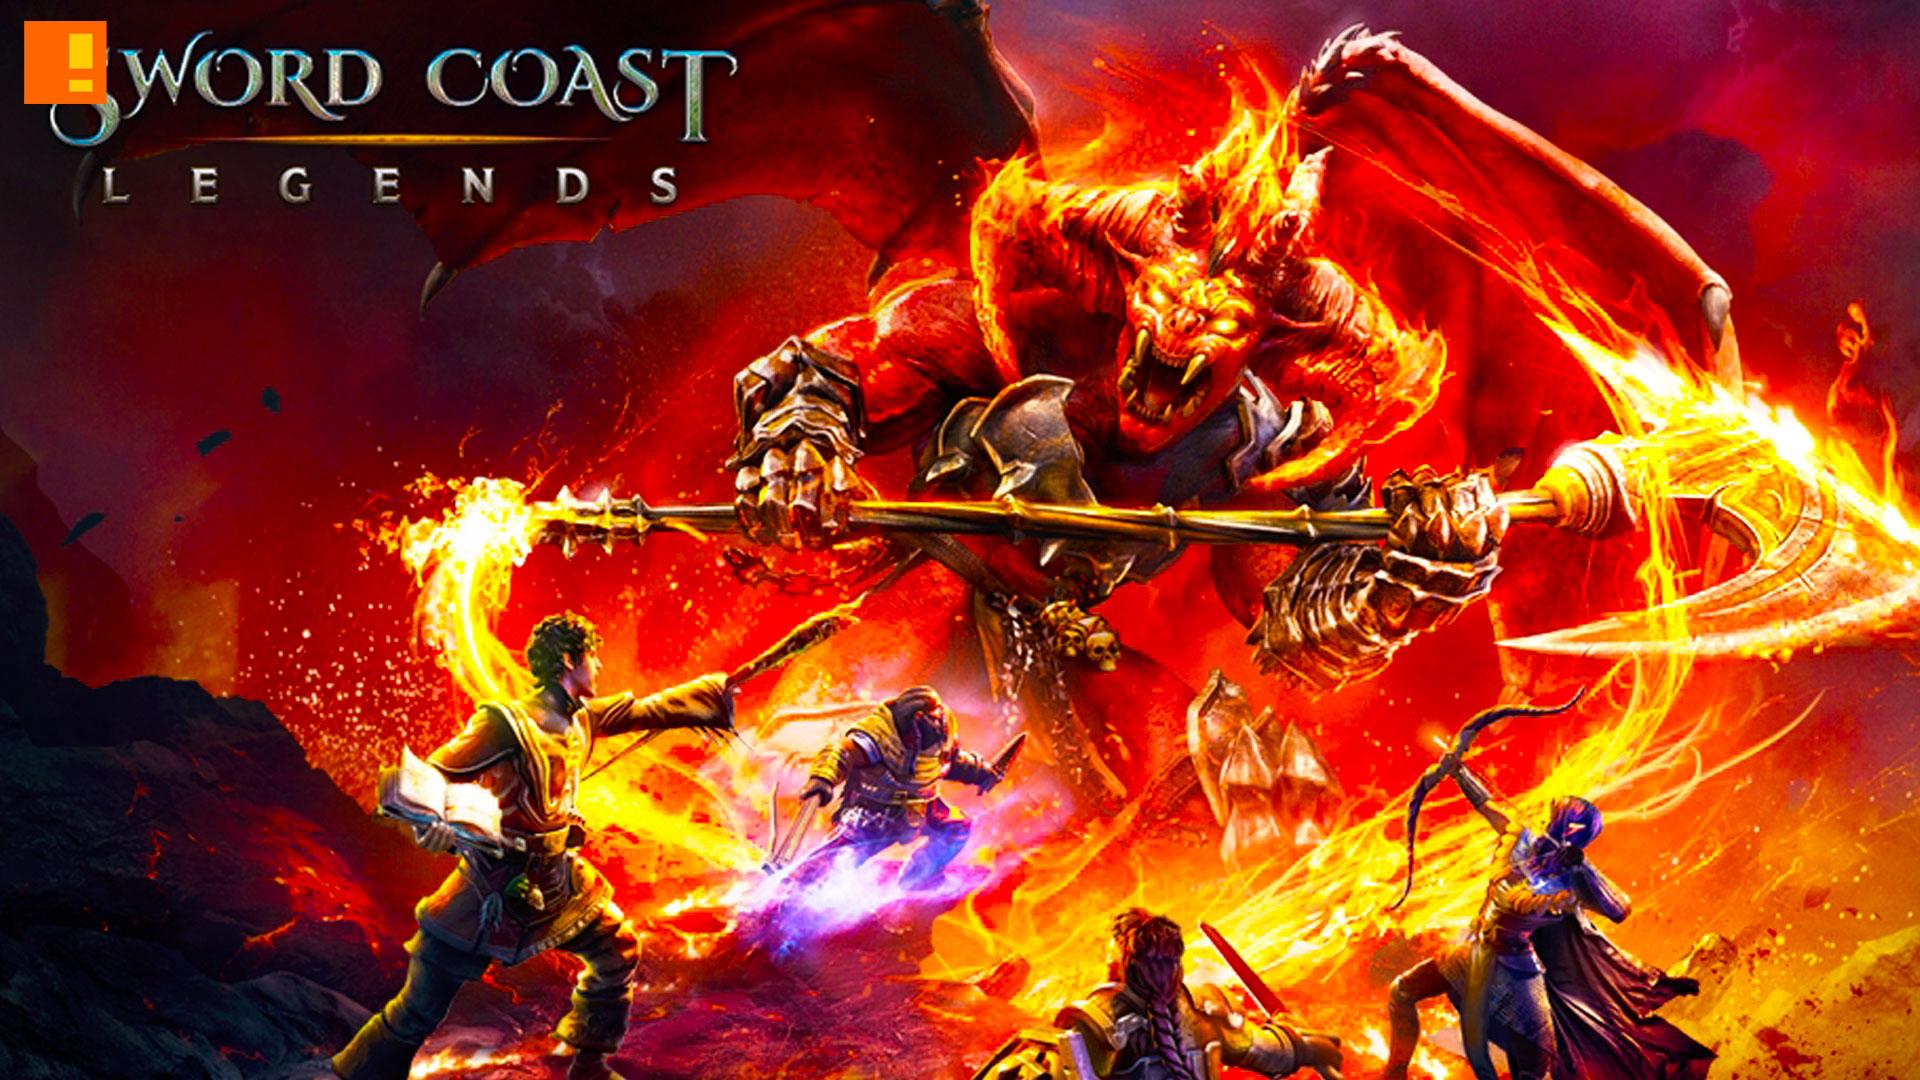 sword coast legends. the action pixel. @theactionpixel